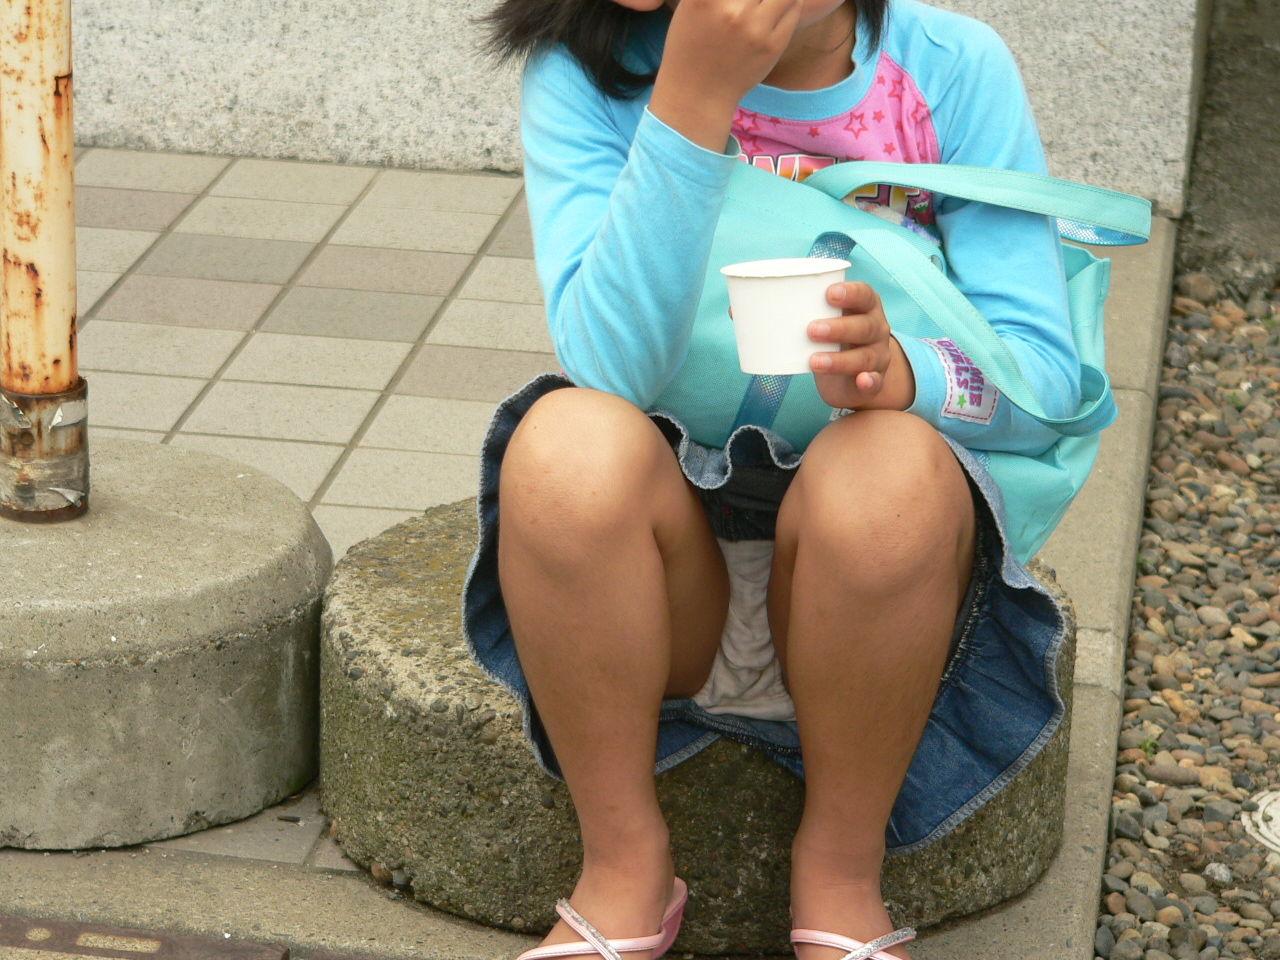 【小中学生】♪美少女らいすっき♪ 378 【天てれ・子役・素人・ボゴOK】 [無断転載禁止]©2ch.netYouTube動画>57本 ->画像>3281枚